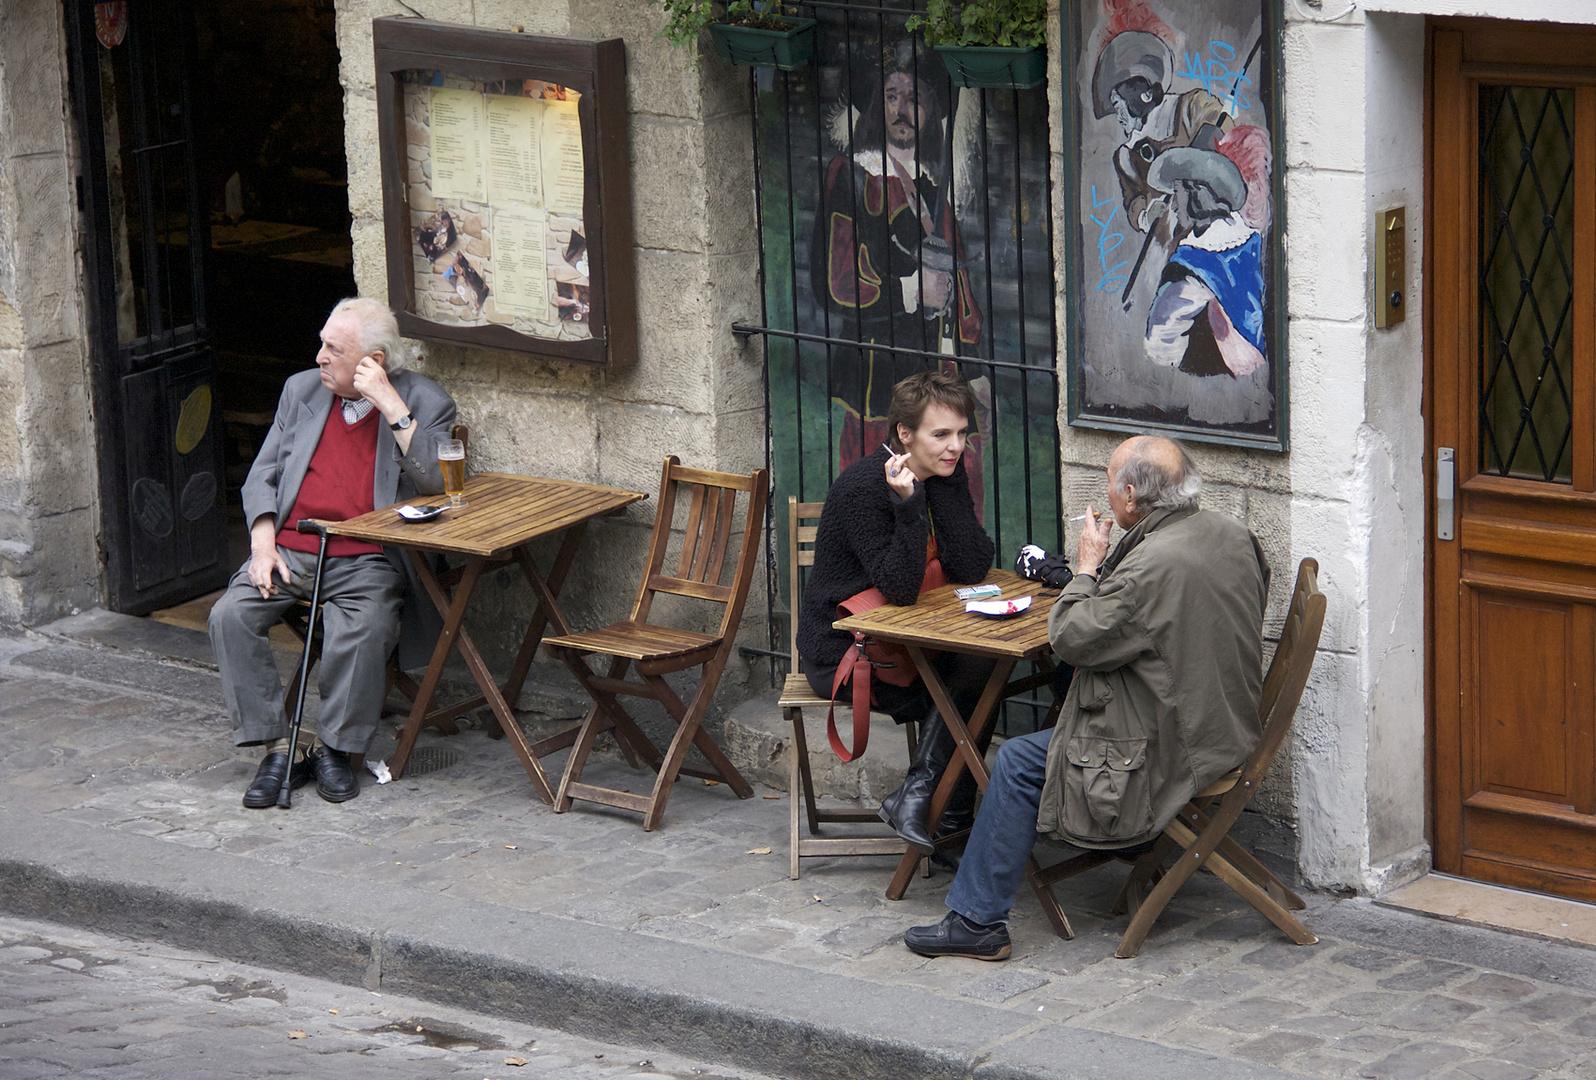 Straßencafé am Montparnasse